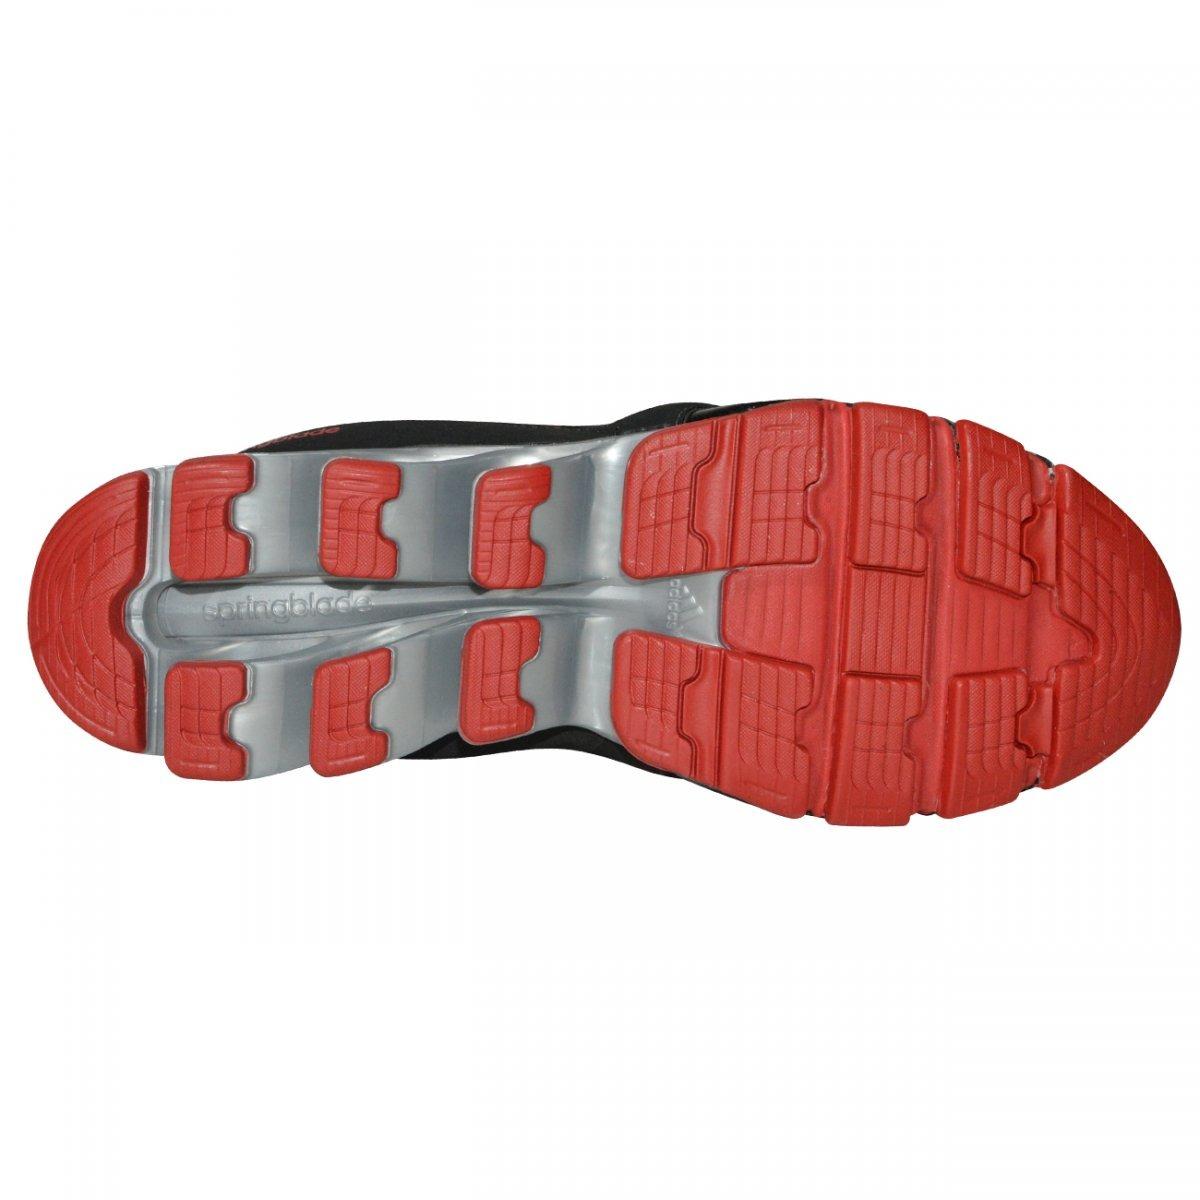 Tenis adidas Springblade E-force - R  449 6c4da989d9ea7